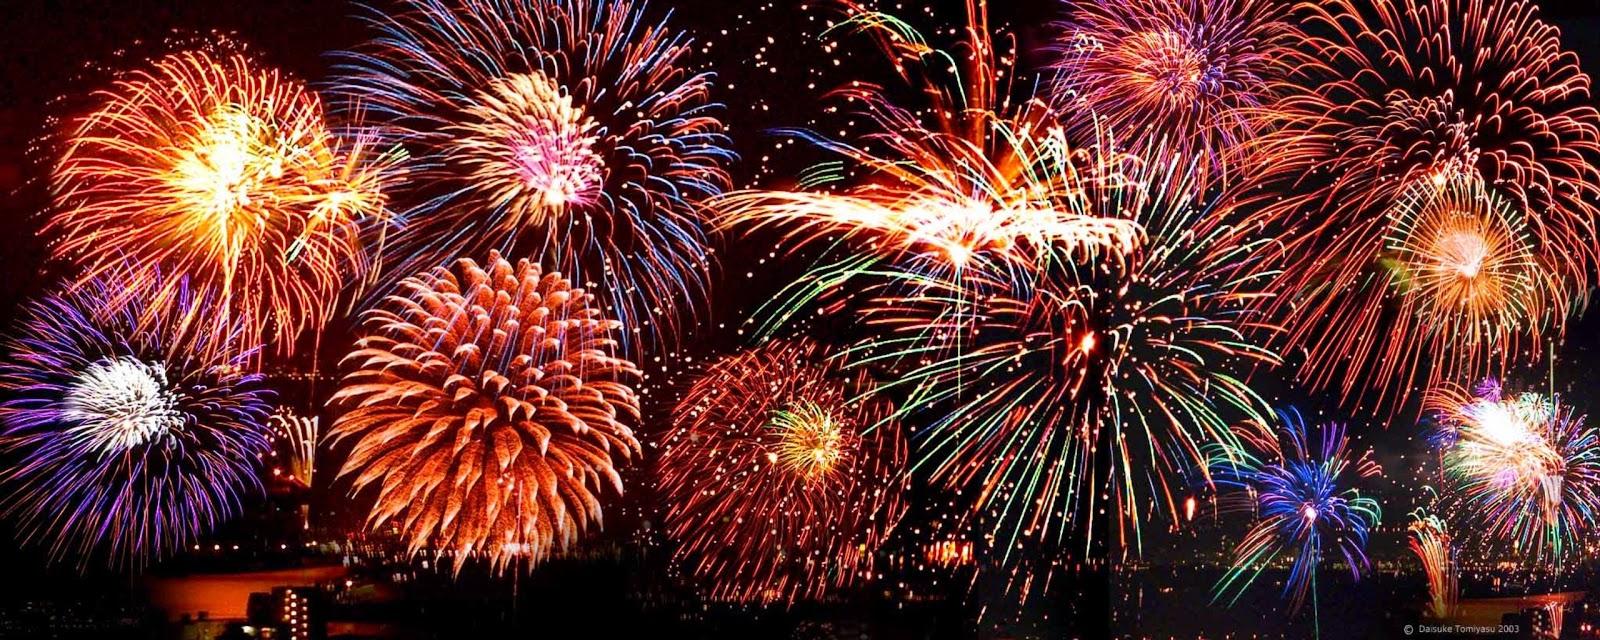 Fireworks by www.e-worldz.com